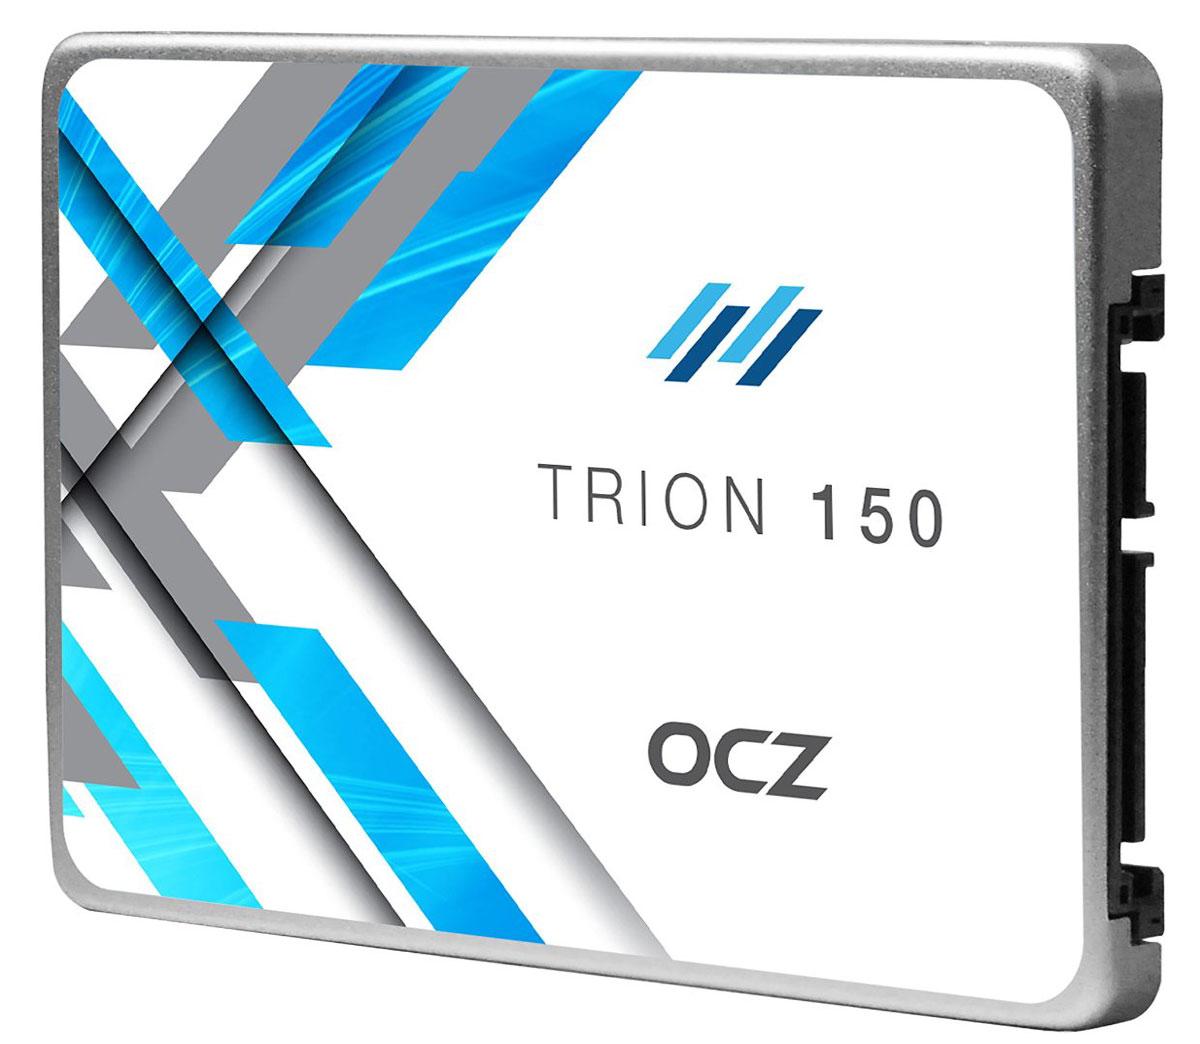 OCZ Trion 150 480GB (TRN150-25SAT3-480G) SSD накопитель352252Переход с жесткого диска на твердотельный накопитель должен быть простым и доступным, и именно в этом помогут SSD-накопители OCZ Trion 150. Для оптимизации и немедленного повышения скорости работы ноутбука или ПК в SSD-накопителе серии Trion 150 используется флеш-память TLC NAND от Toshiba. Это гарантирует долговечность, а также обеспечивает превосходный баланс производительности, надежности и качества, способного преобразить любую мобильную или стационарную систему.Быстрый и эффективный:Повысьте свою производительность при помощи накопителей Trion 150, и вы увидите, что ПК станет быстрее загружаться, время передачи файлов сократится, а общая отзывчивость системы улучшится. Попрощайтесь с задержками, присущими обычным жестким дискам, и начните новую эру вычислений, стоящую затрат вашего времени.Производительность по доступной цене:Переход на SSD может ощущаться, как если бы вы приобрели полностью новую систему - производительность значительно выросла, но при этом затраты не столь значительны. Накопители SSD Trion 150 точно поддерживают баланс цены и производительности, значит после апгрейда у вас останется достаточно средств на замену остальных компонентов.Качество и надежность мирового уровня:Все накопители Trion 150 созданы со 100% использованием технологий Toshiba, что обеспечивает им высокое качество и надежность. Ваши данные надежно защищены.Увеличенное время работы от батарей:Более энерго-эффективные накопители Trion 150 оптимизированы для малого потребления энергии, что означает более продолжительную работу от батарей.Серьезная скорость без обмана:Накопители Trion 150 обеспечивают достаточную реальную производительность для любых игровых и рабочих приложений. Никаких хитрых секретных трюков - исключительно производительная система хранения данных.